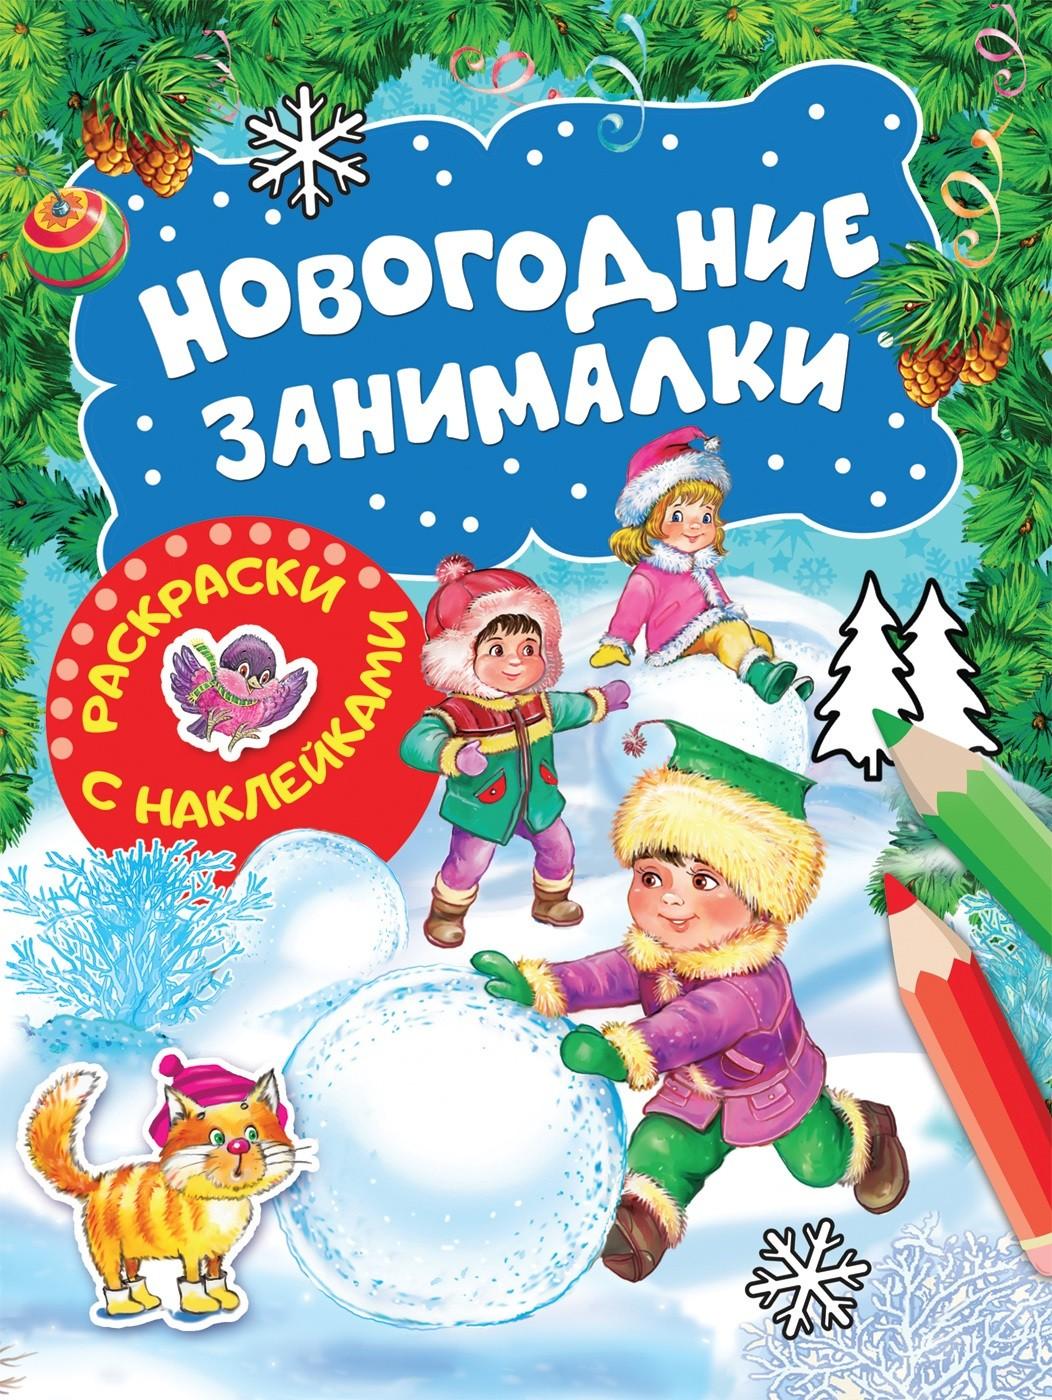 Котятова Н. И. Новогодние занималки. Раскраски с наклейками (Зимние игры)